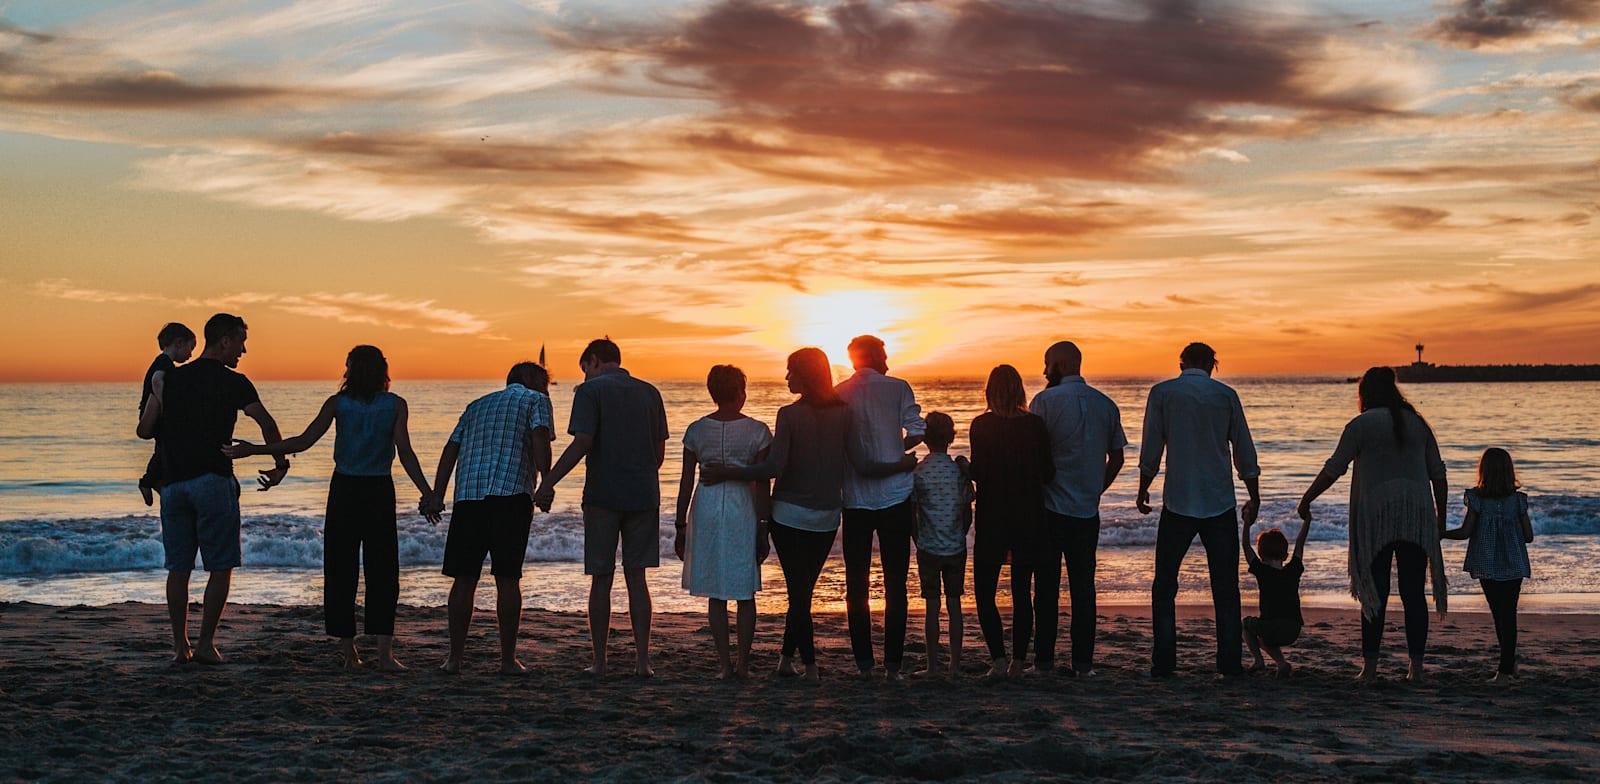 משפחה בחוף הים / צילום: Unsplash